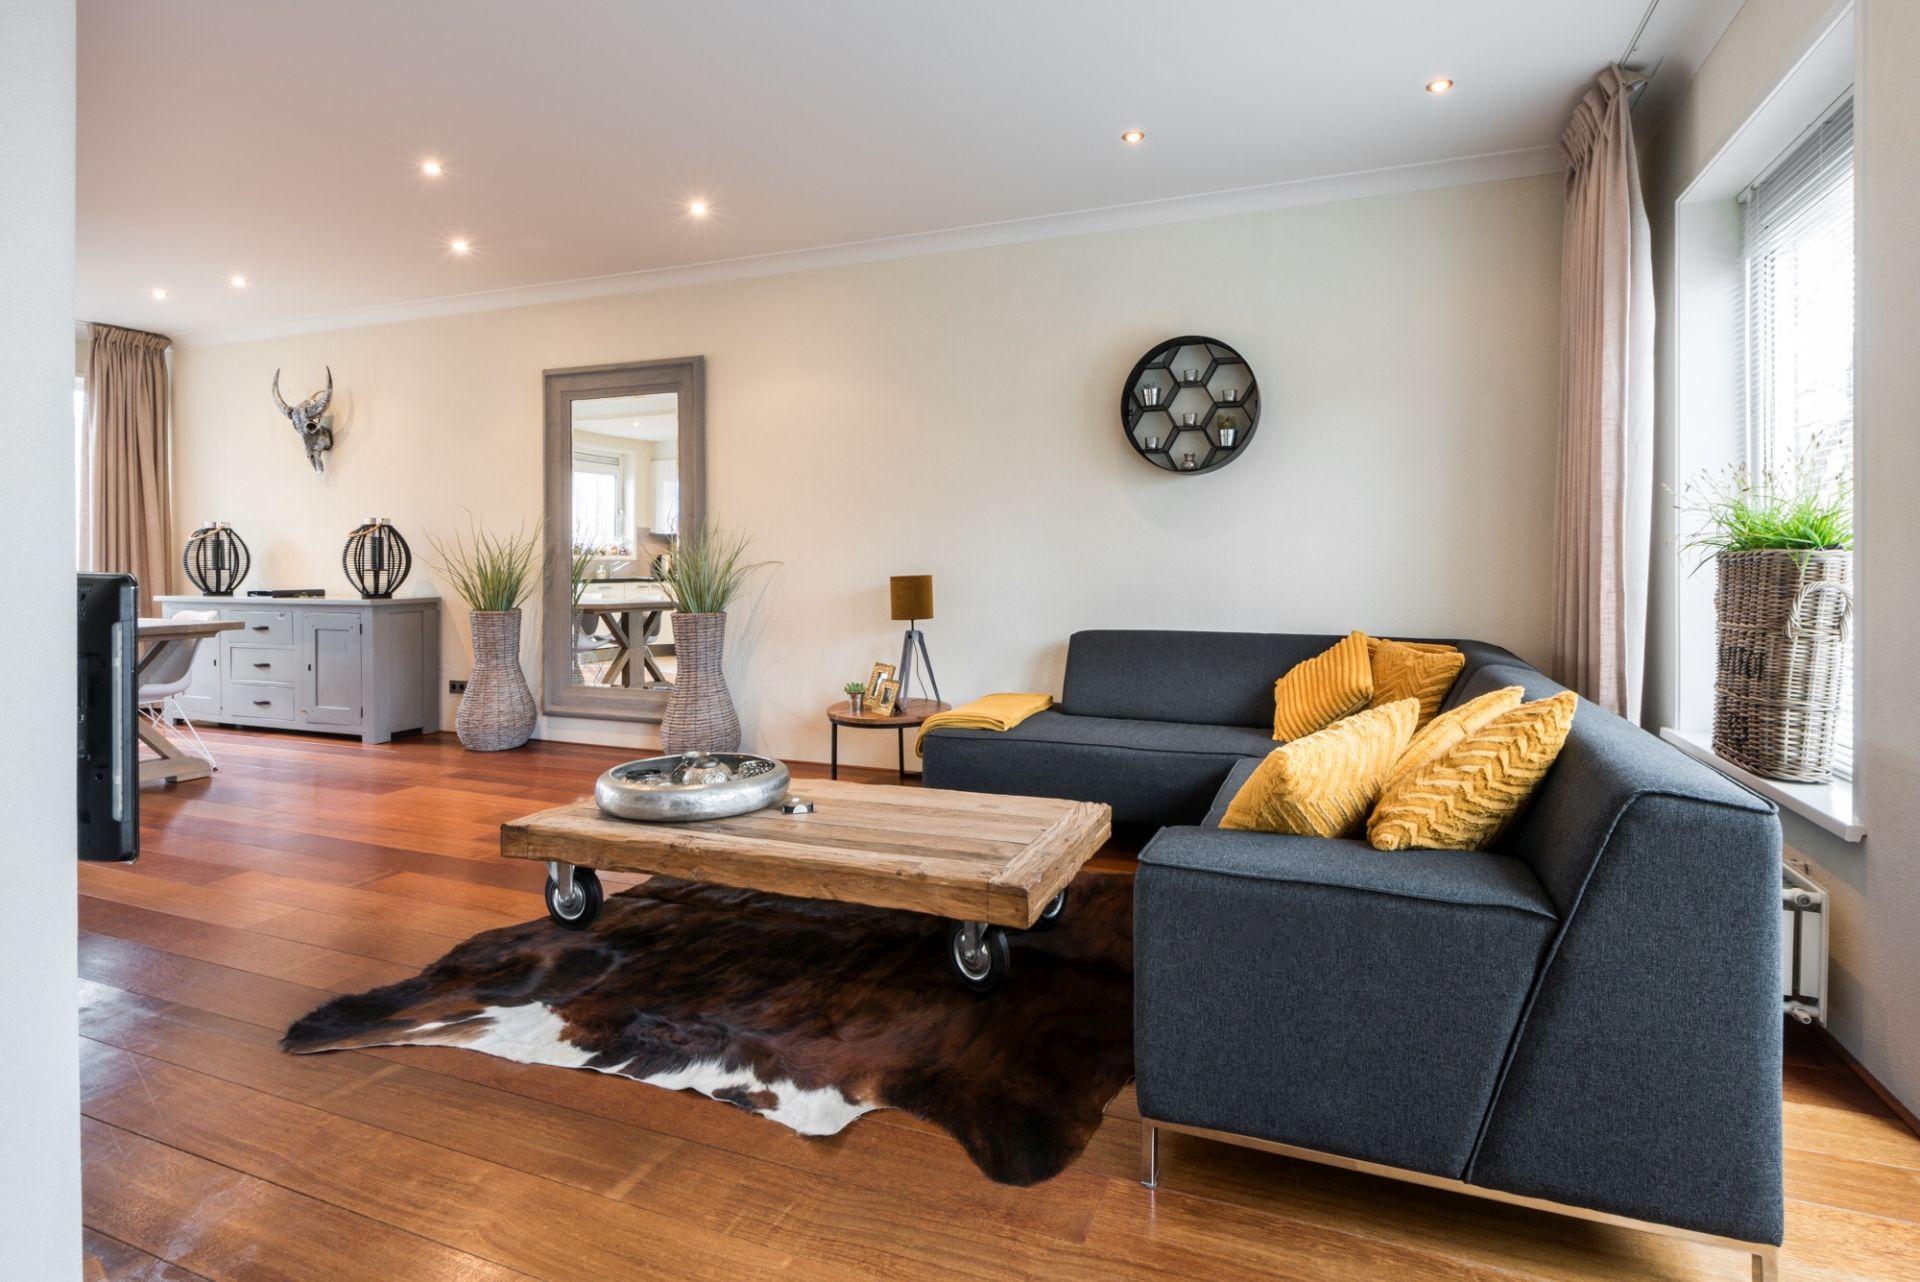 Heerlijk appartement, centraal in Bergen voor 5 personen. Uw hond is welkom.